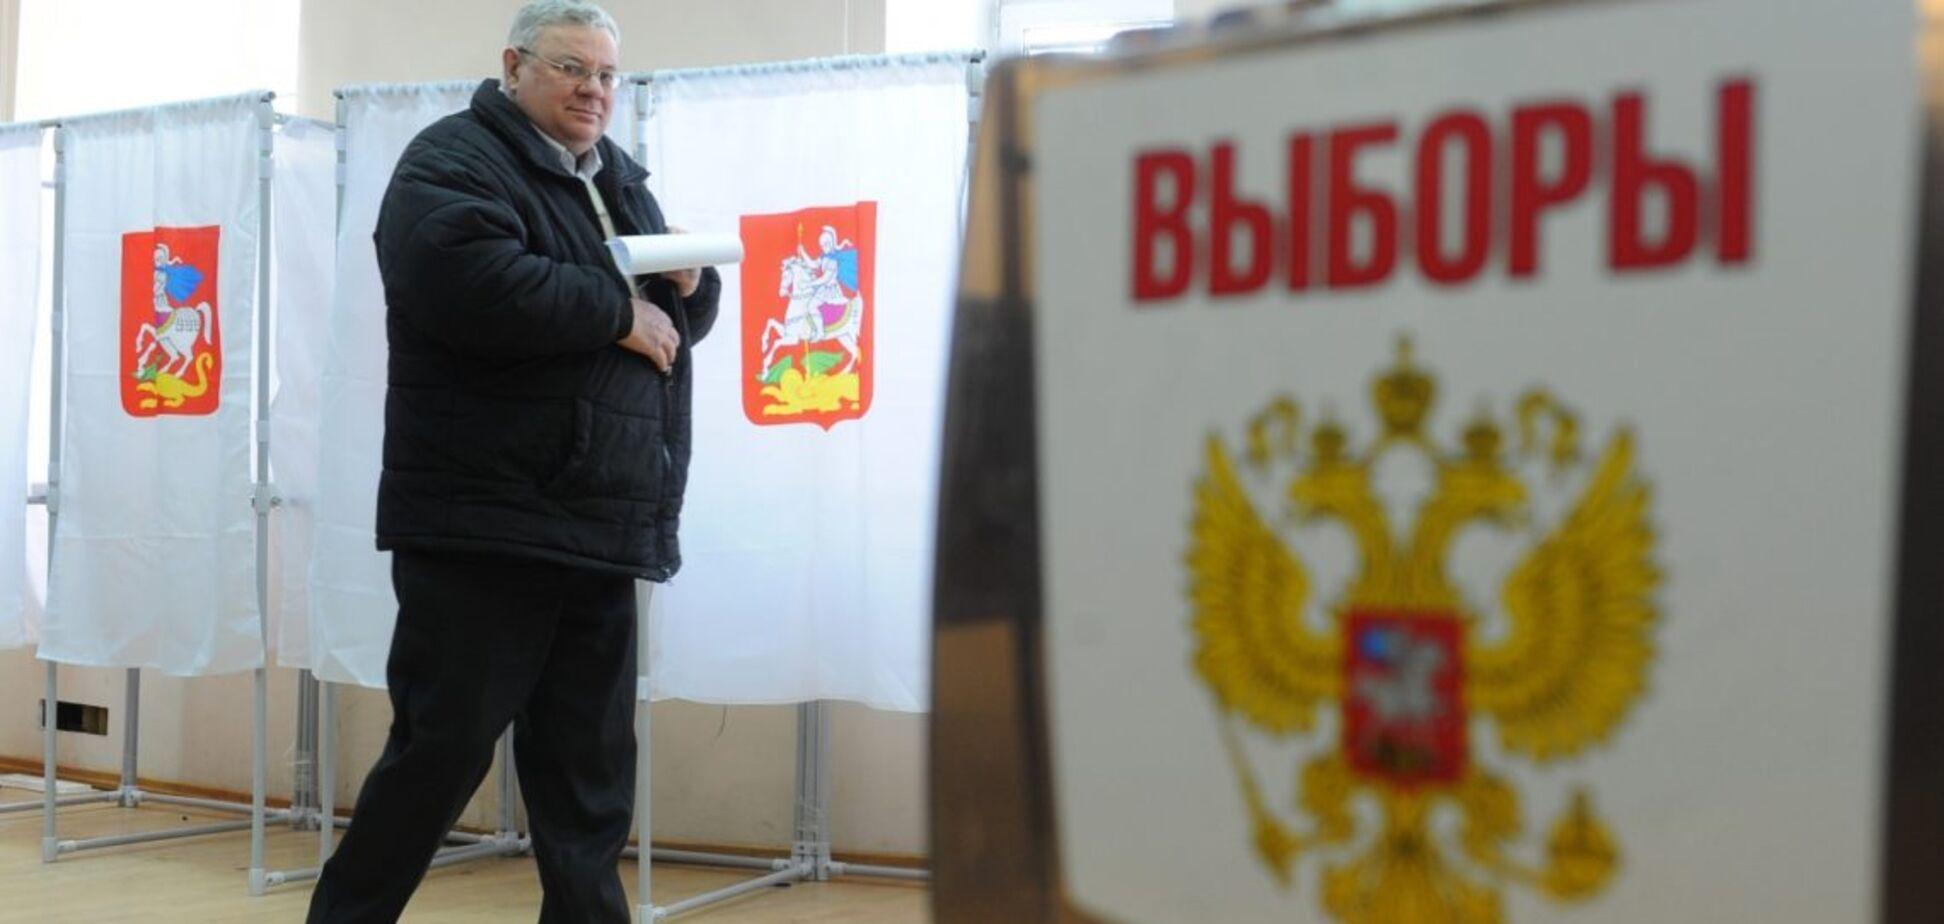 Вбросы, подтасовки и избиения: топ нарушений на выборах в России